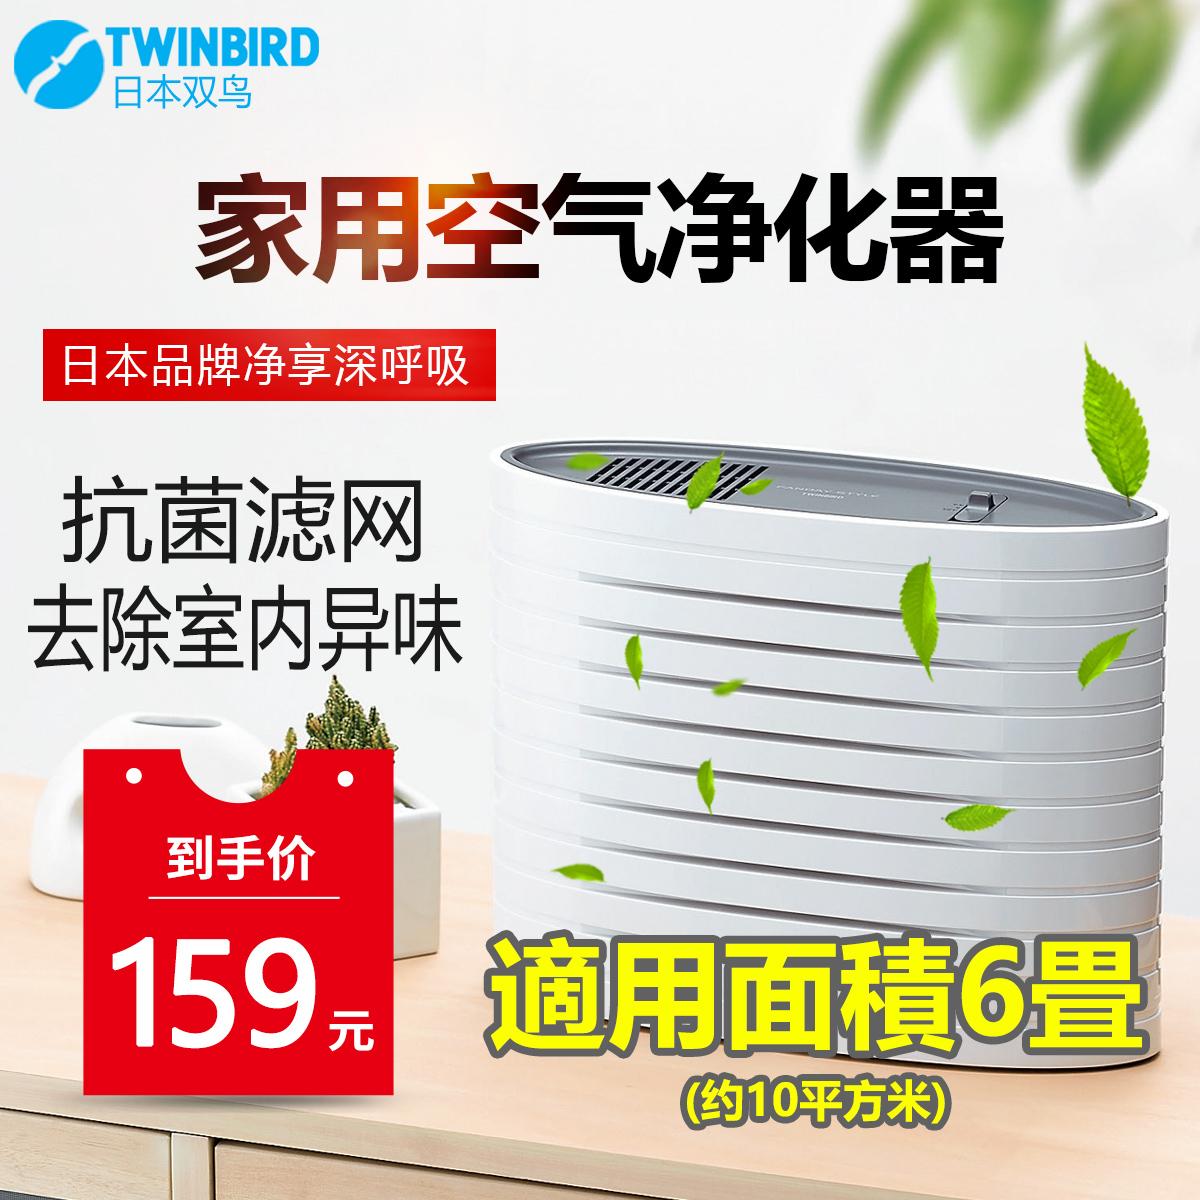 日本双鸟空气净化器pro小型家用氧吧卧室静音除烟尘异味甲醛pm2.5